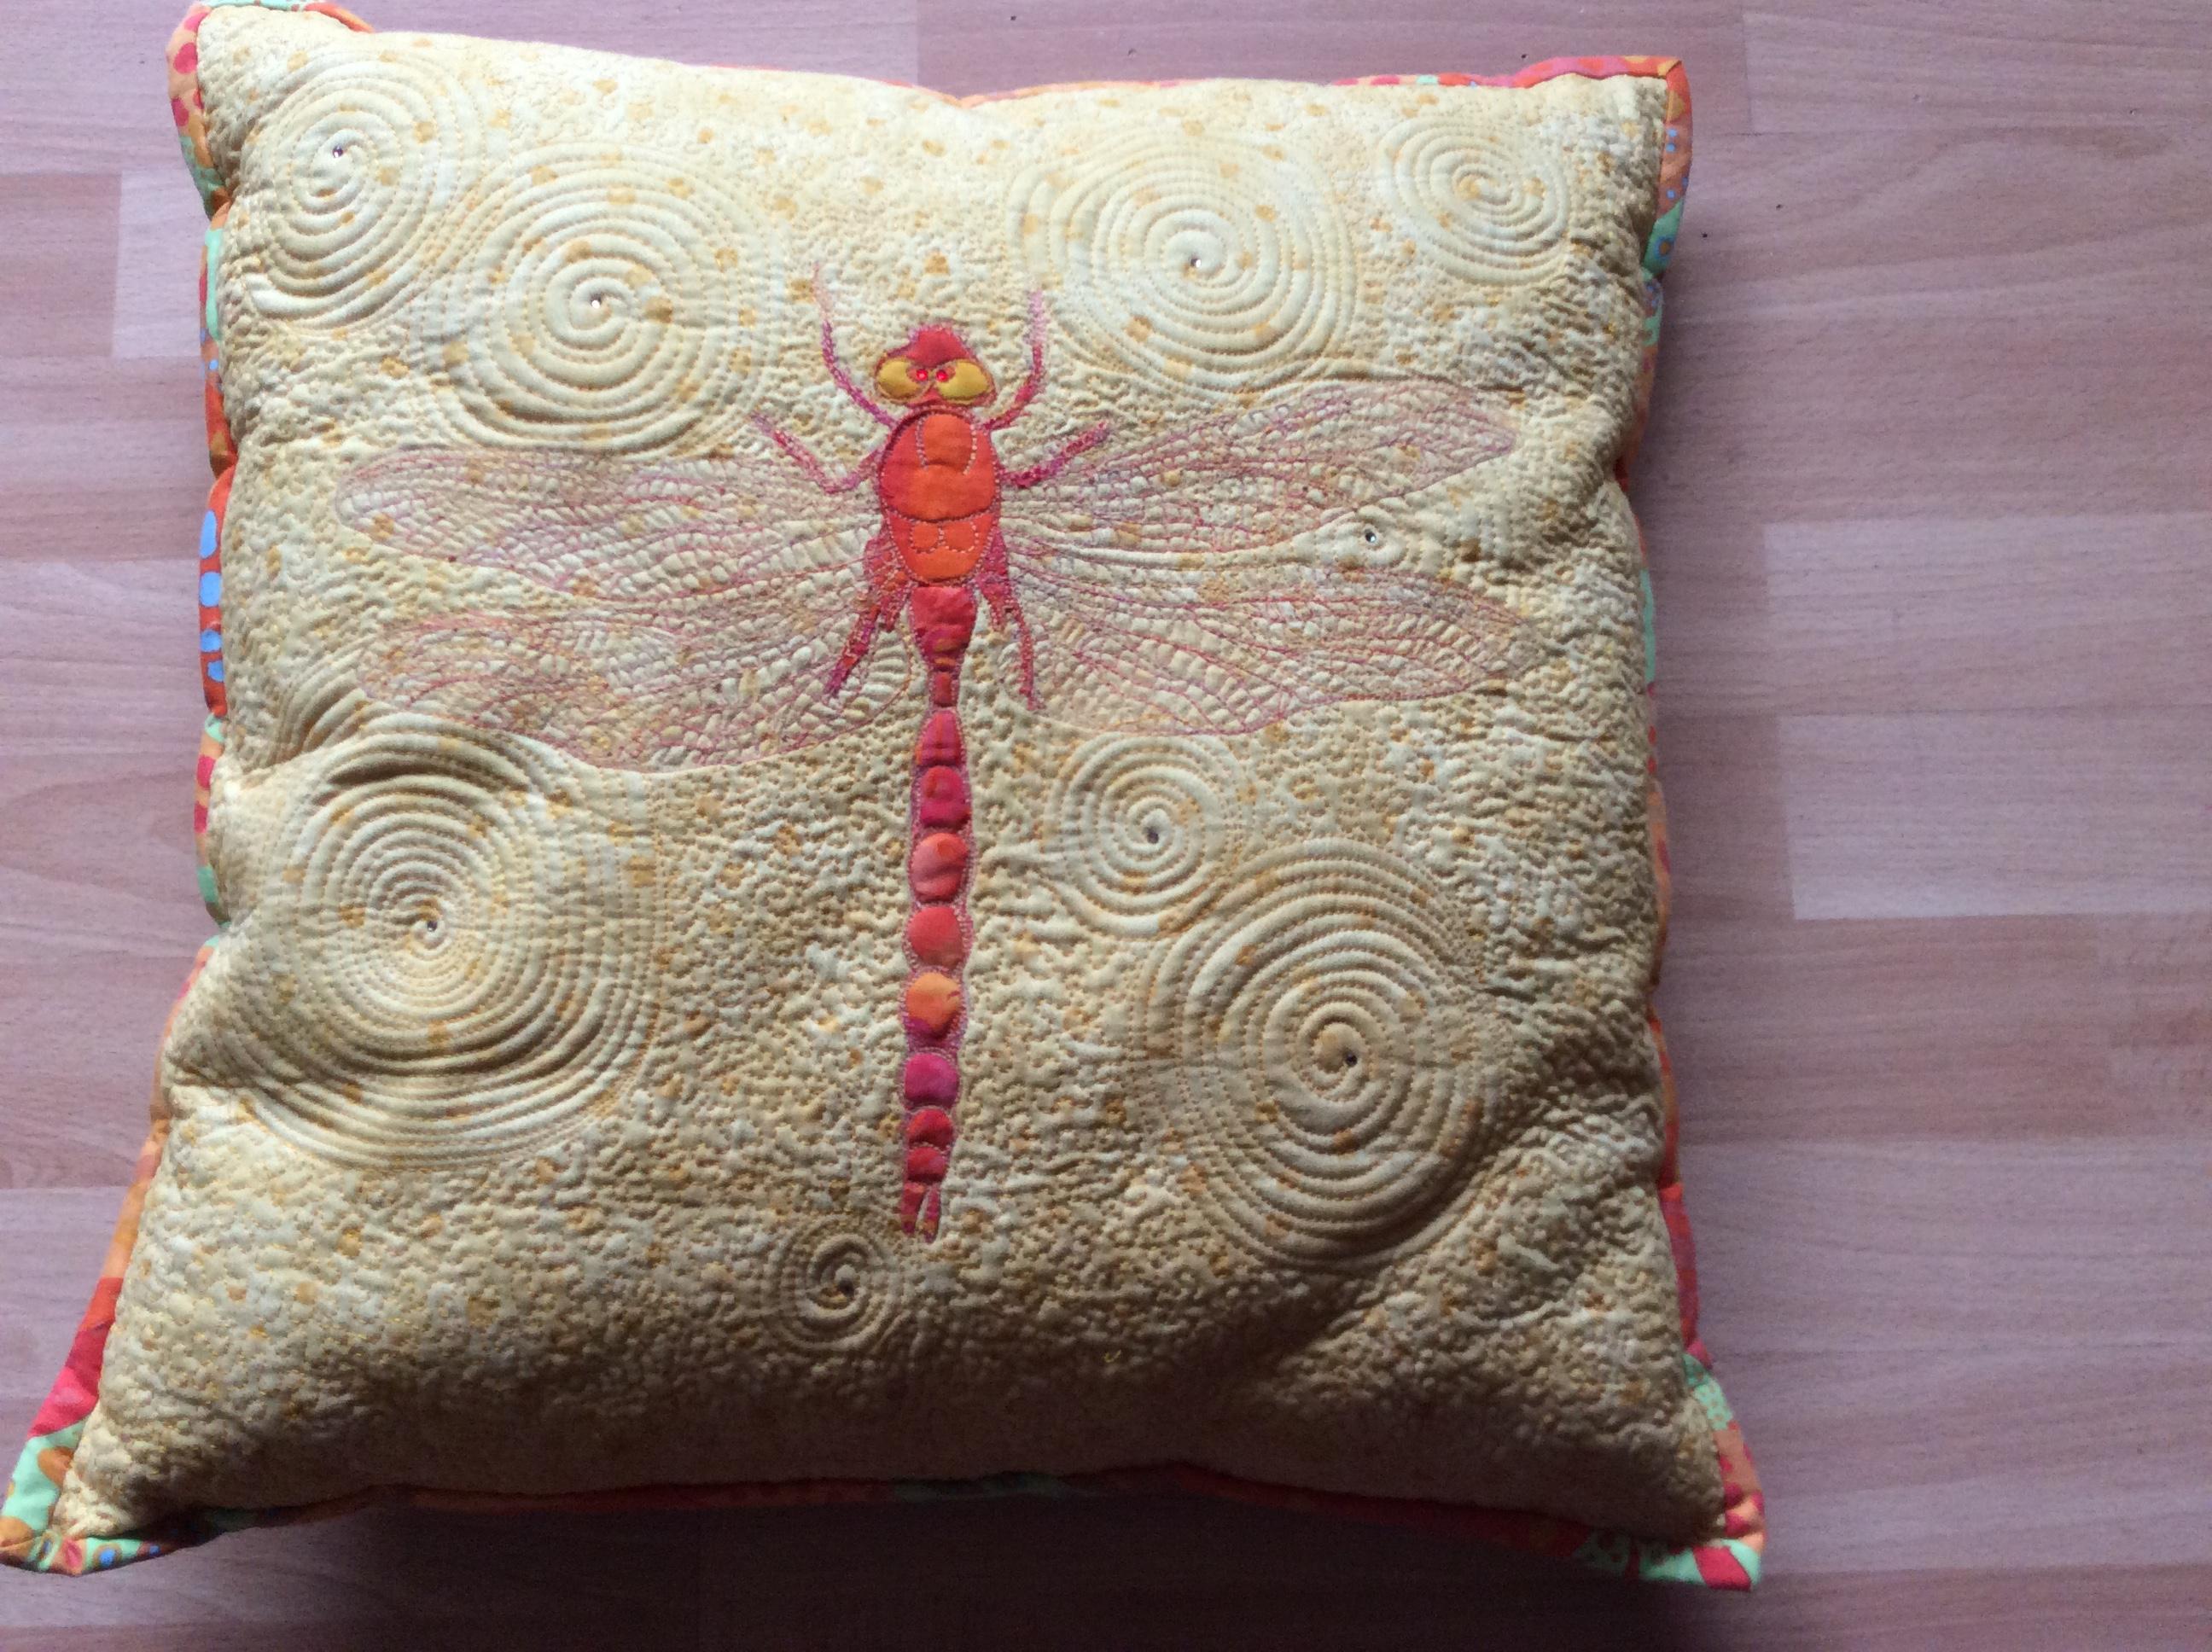 Valerie's Cushion